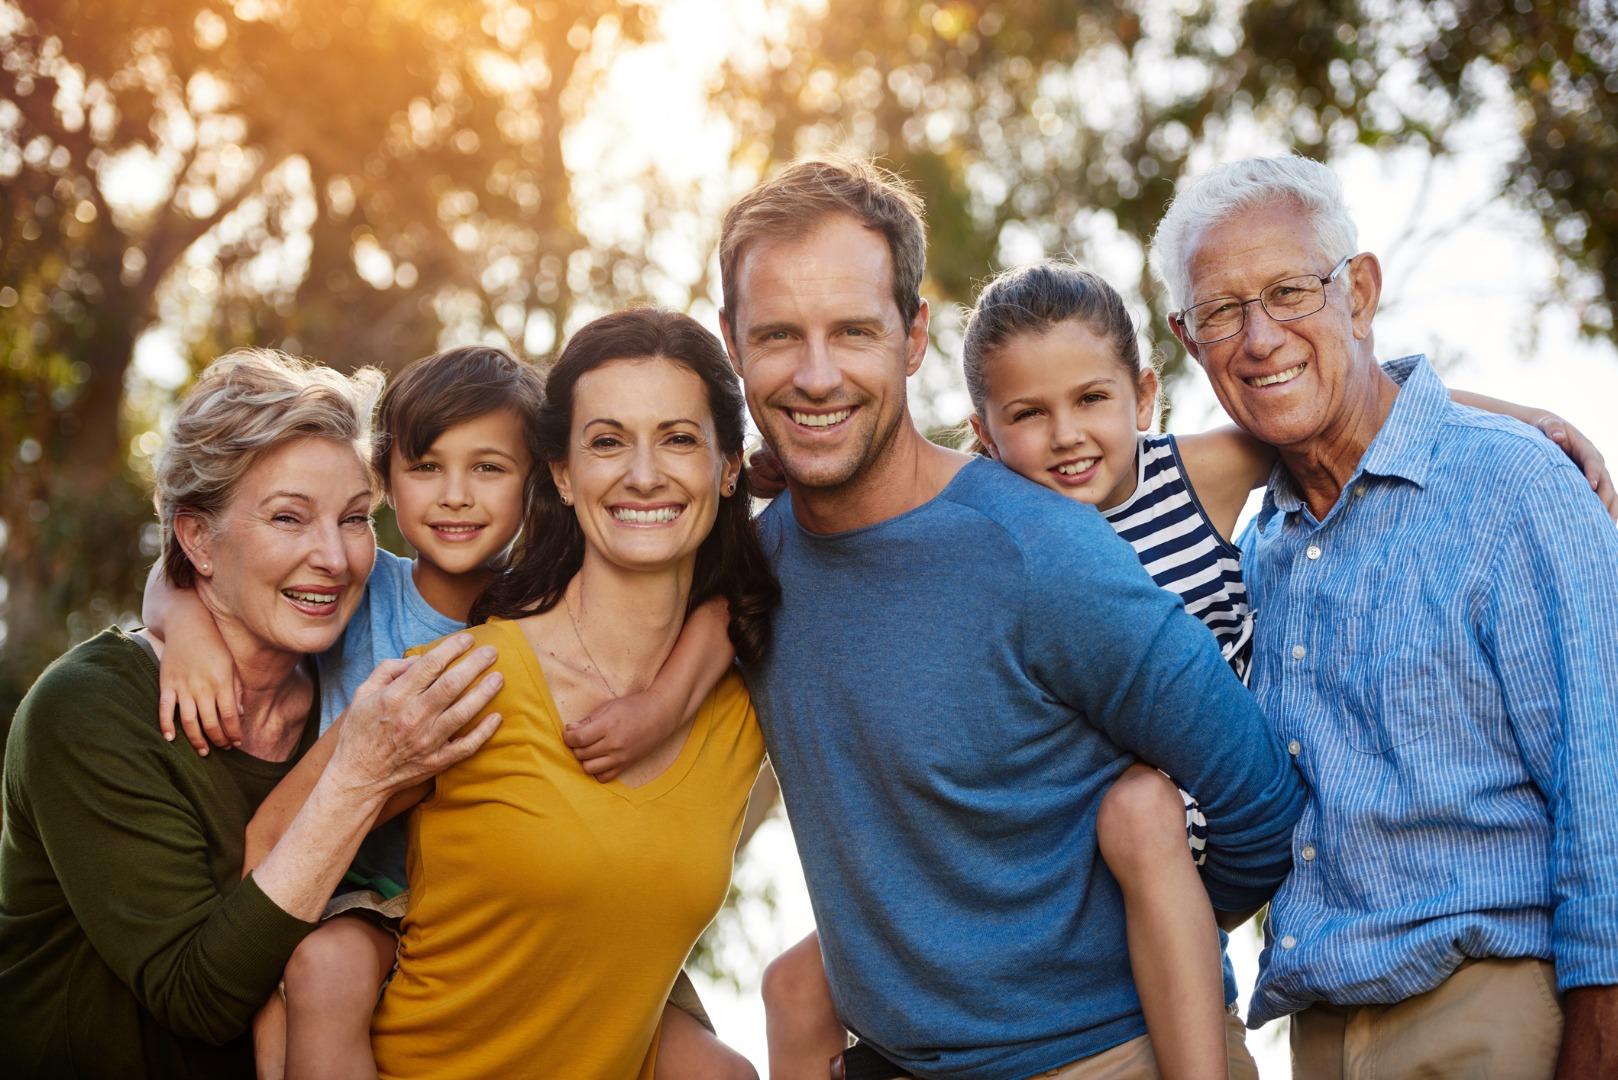 Отдых большой семьей: 7 нюансов, «экономящих» нервы